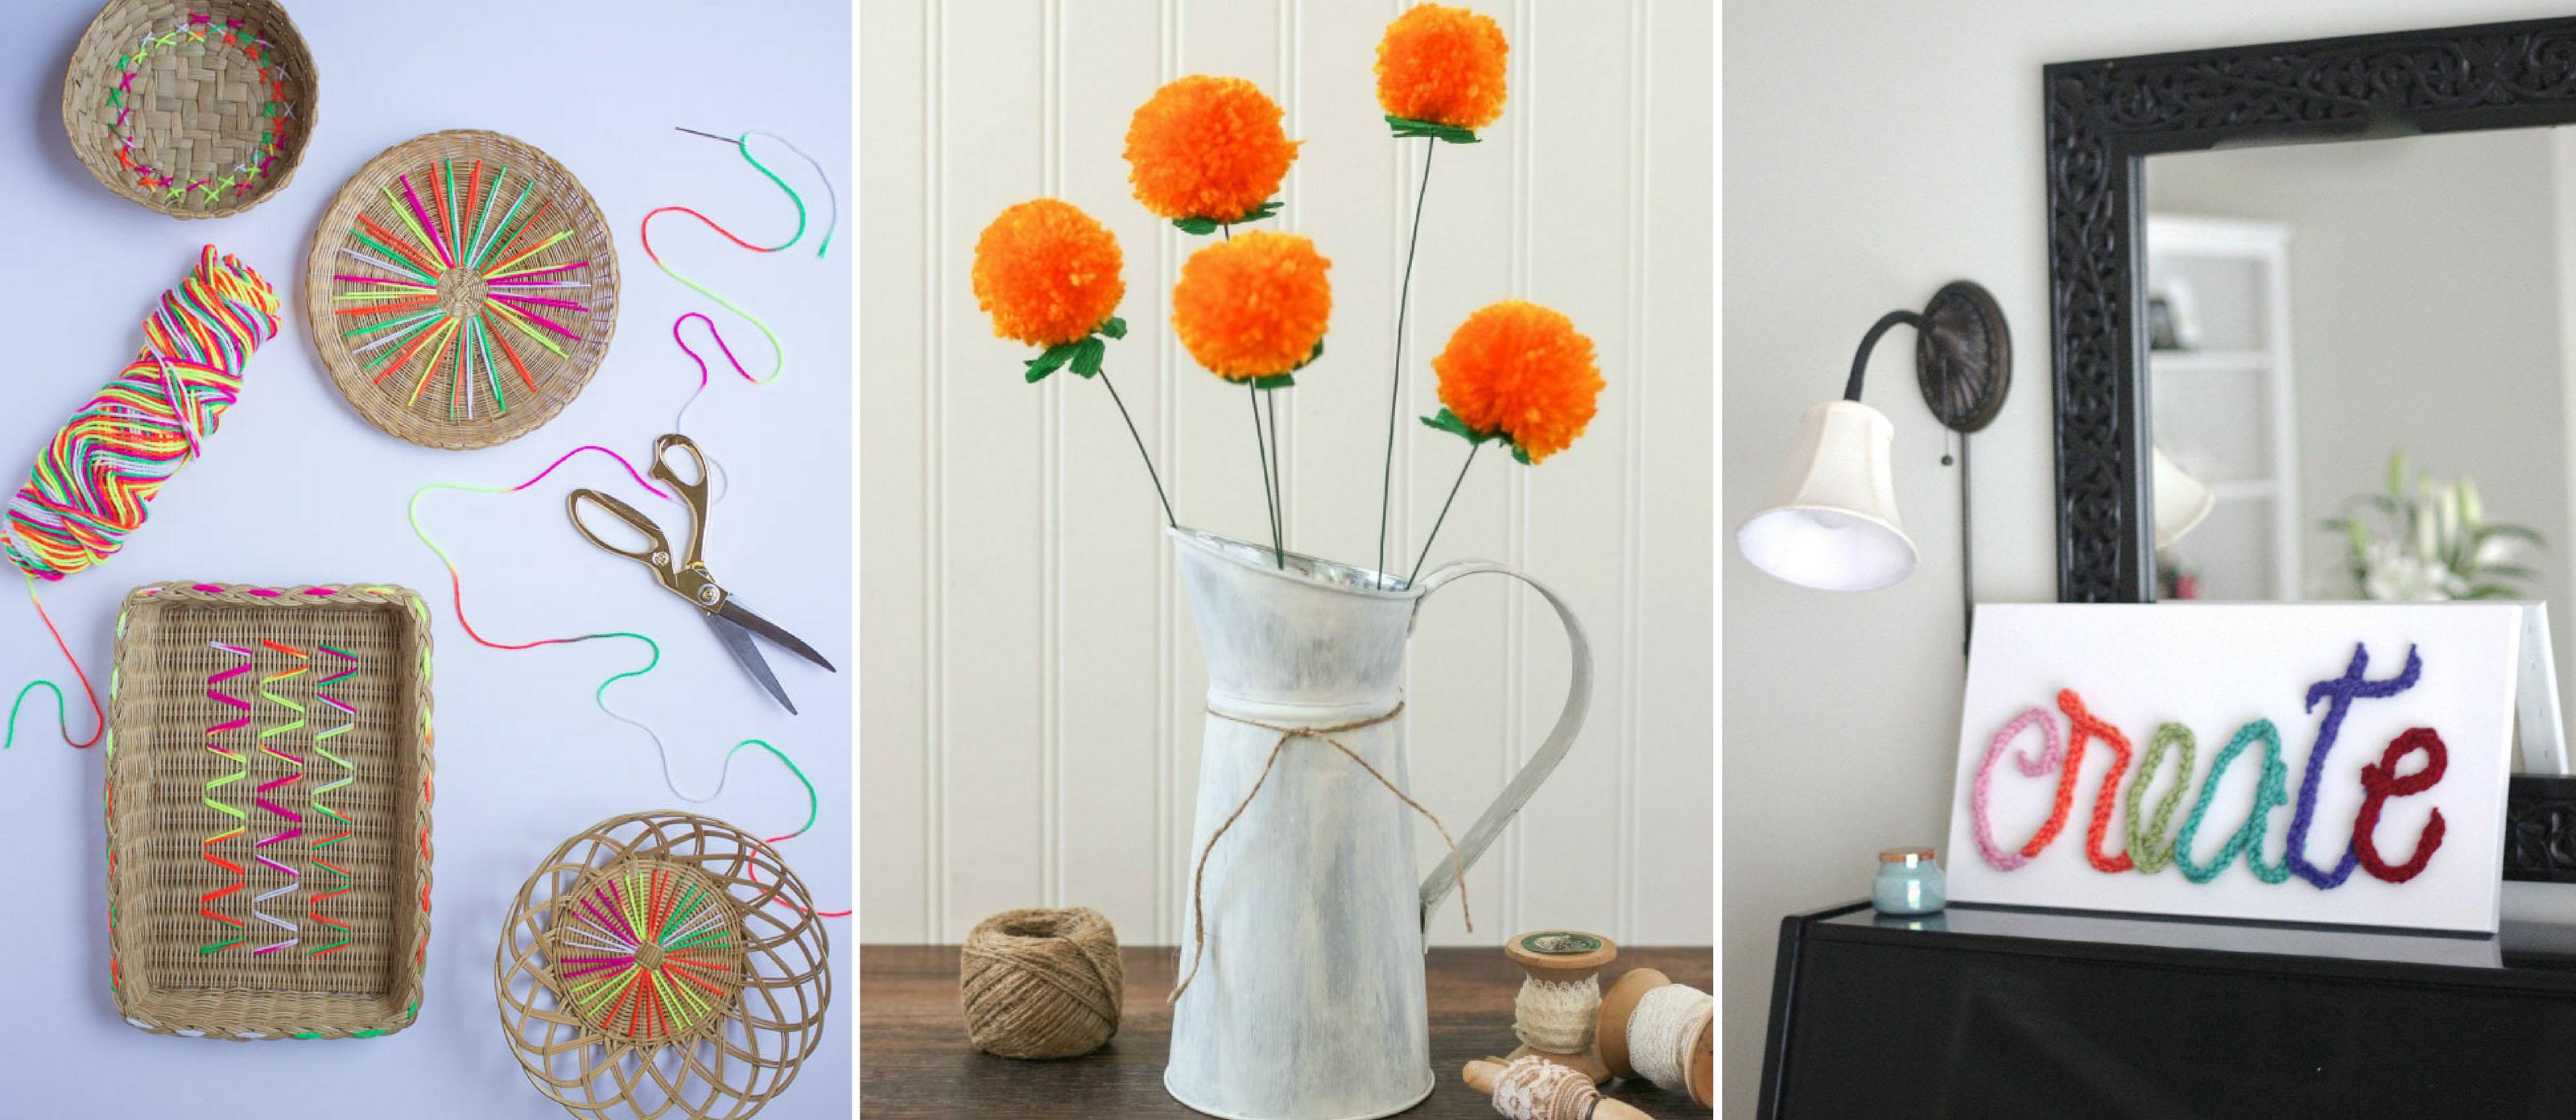 8 Yarn Craft Ideas for Adults